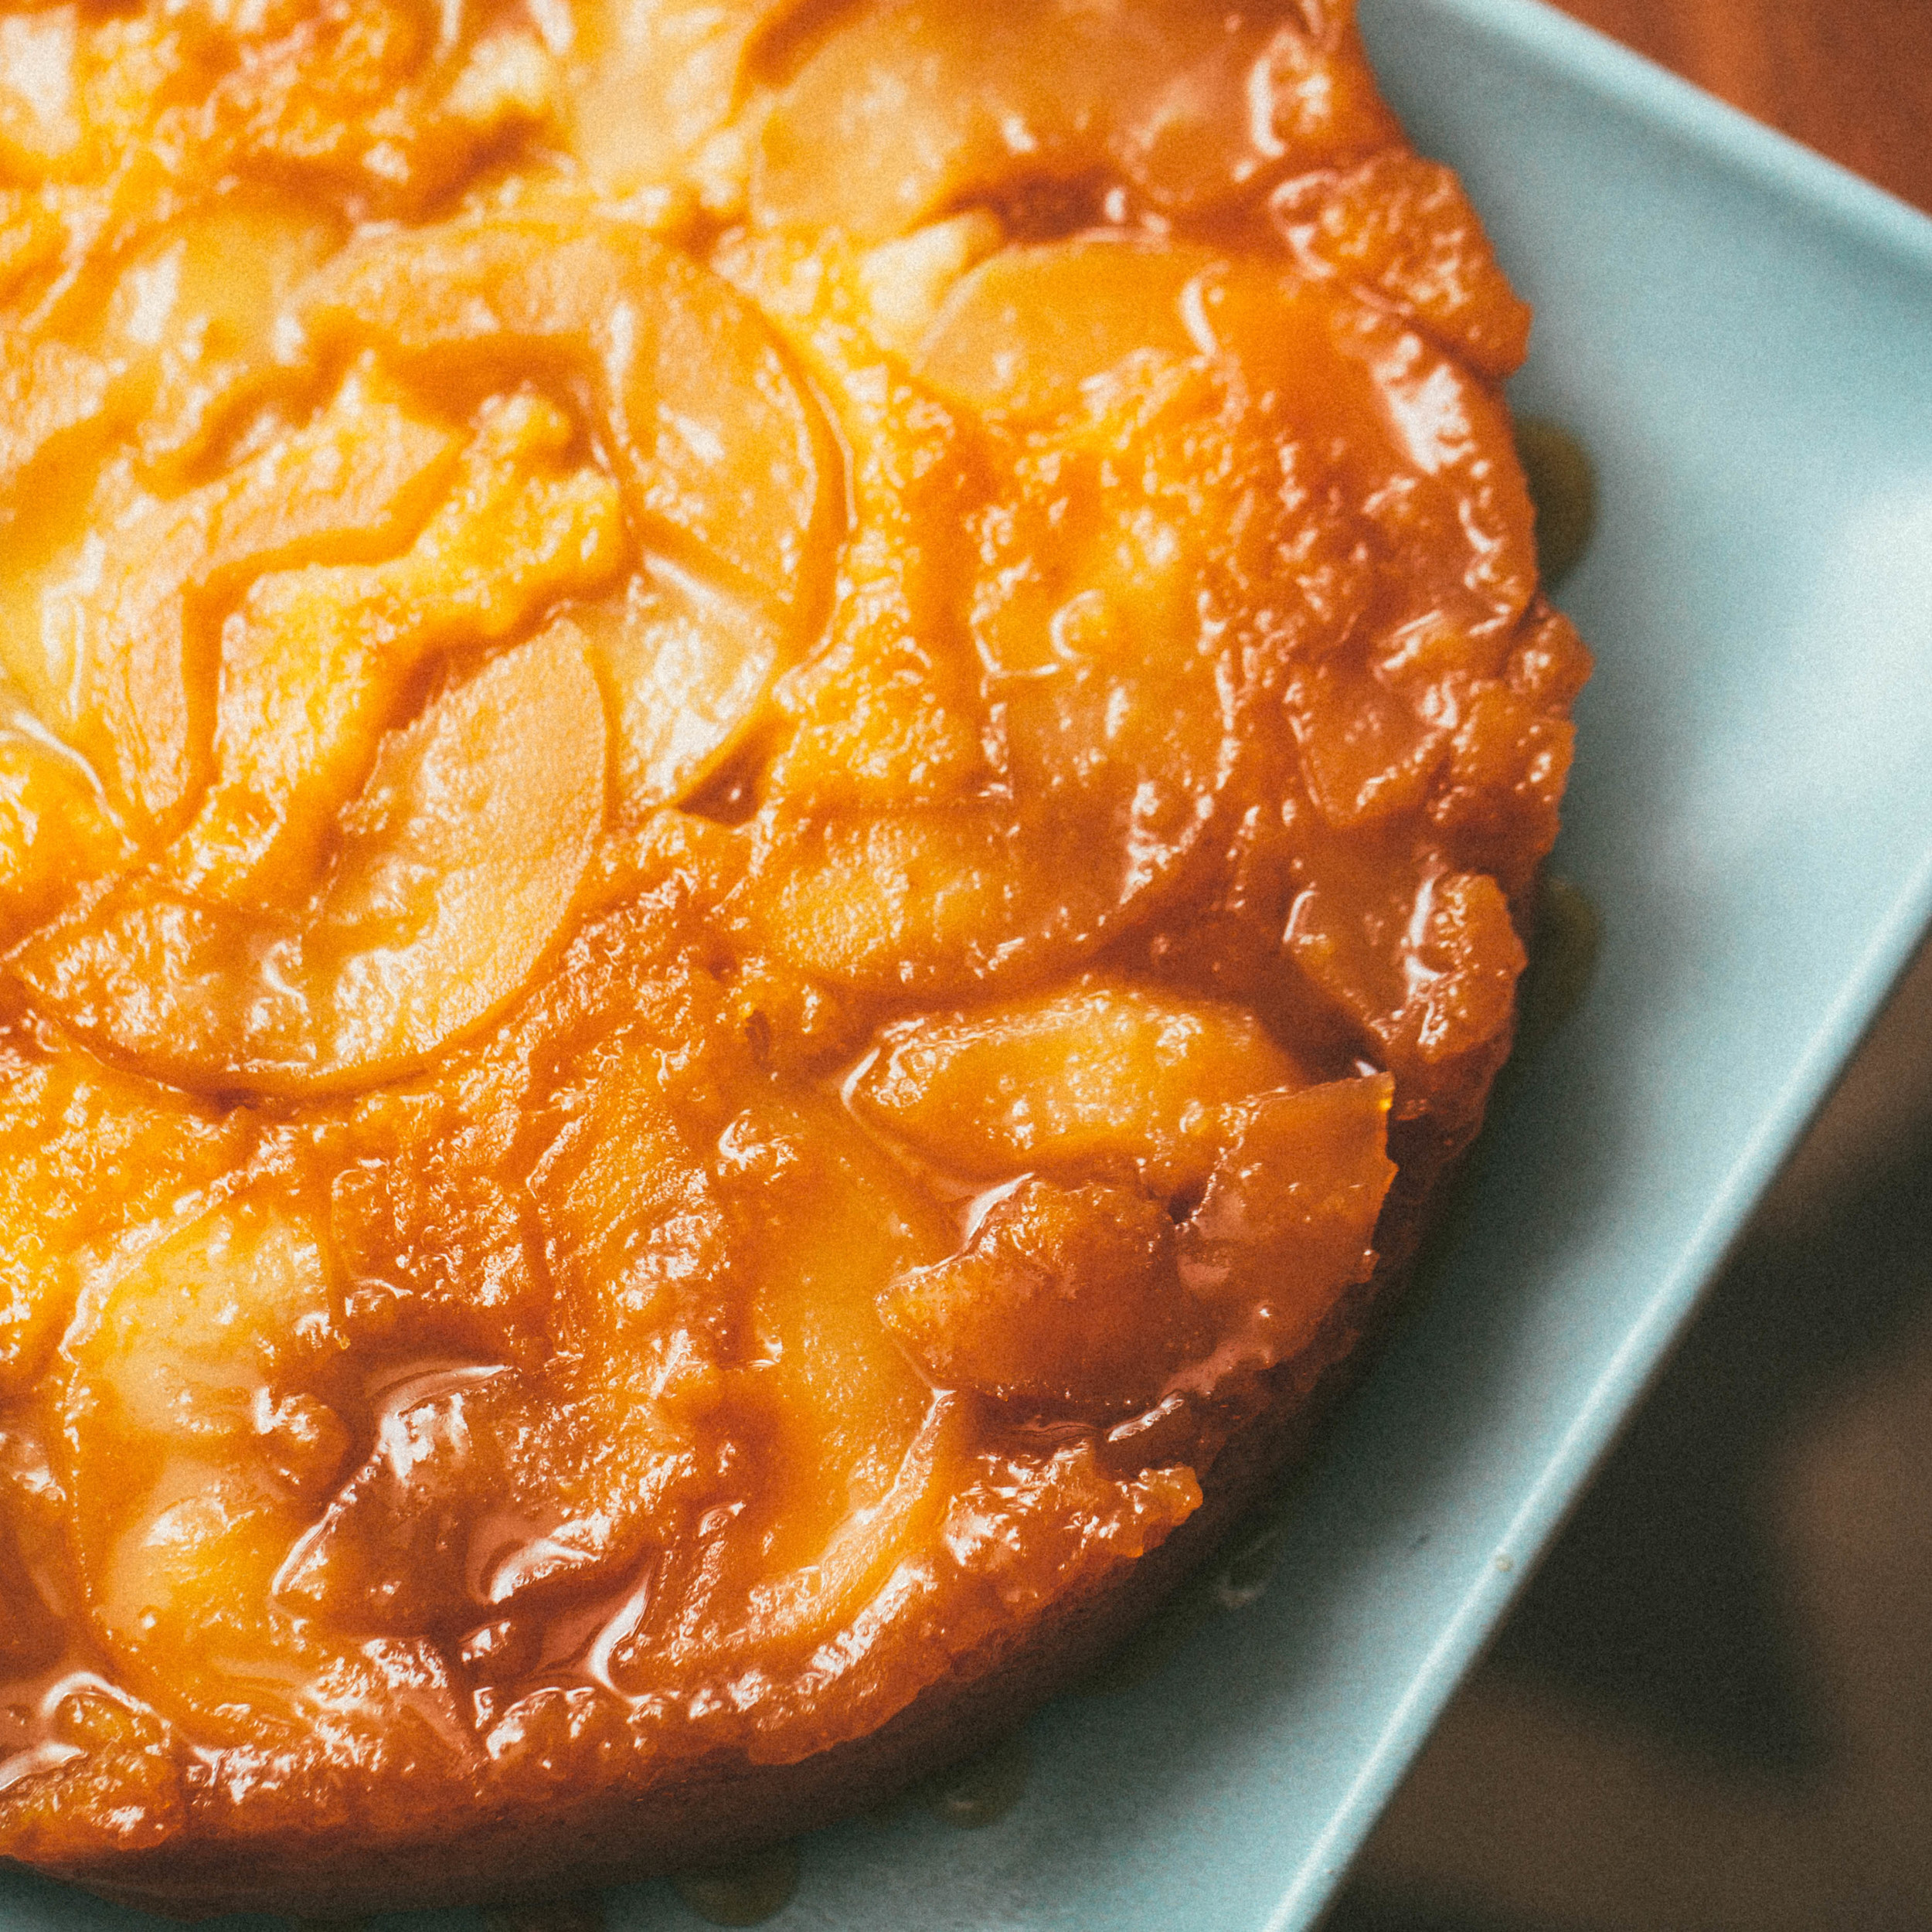 Maple-apple upside-down buttermilk cake